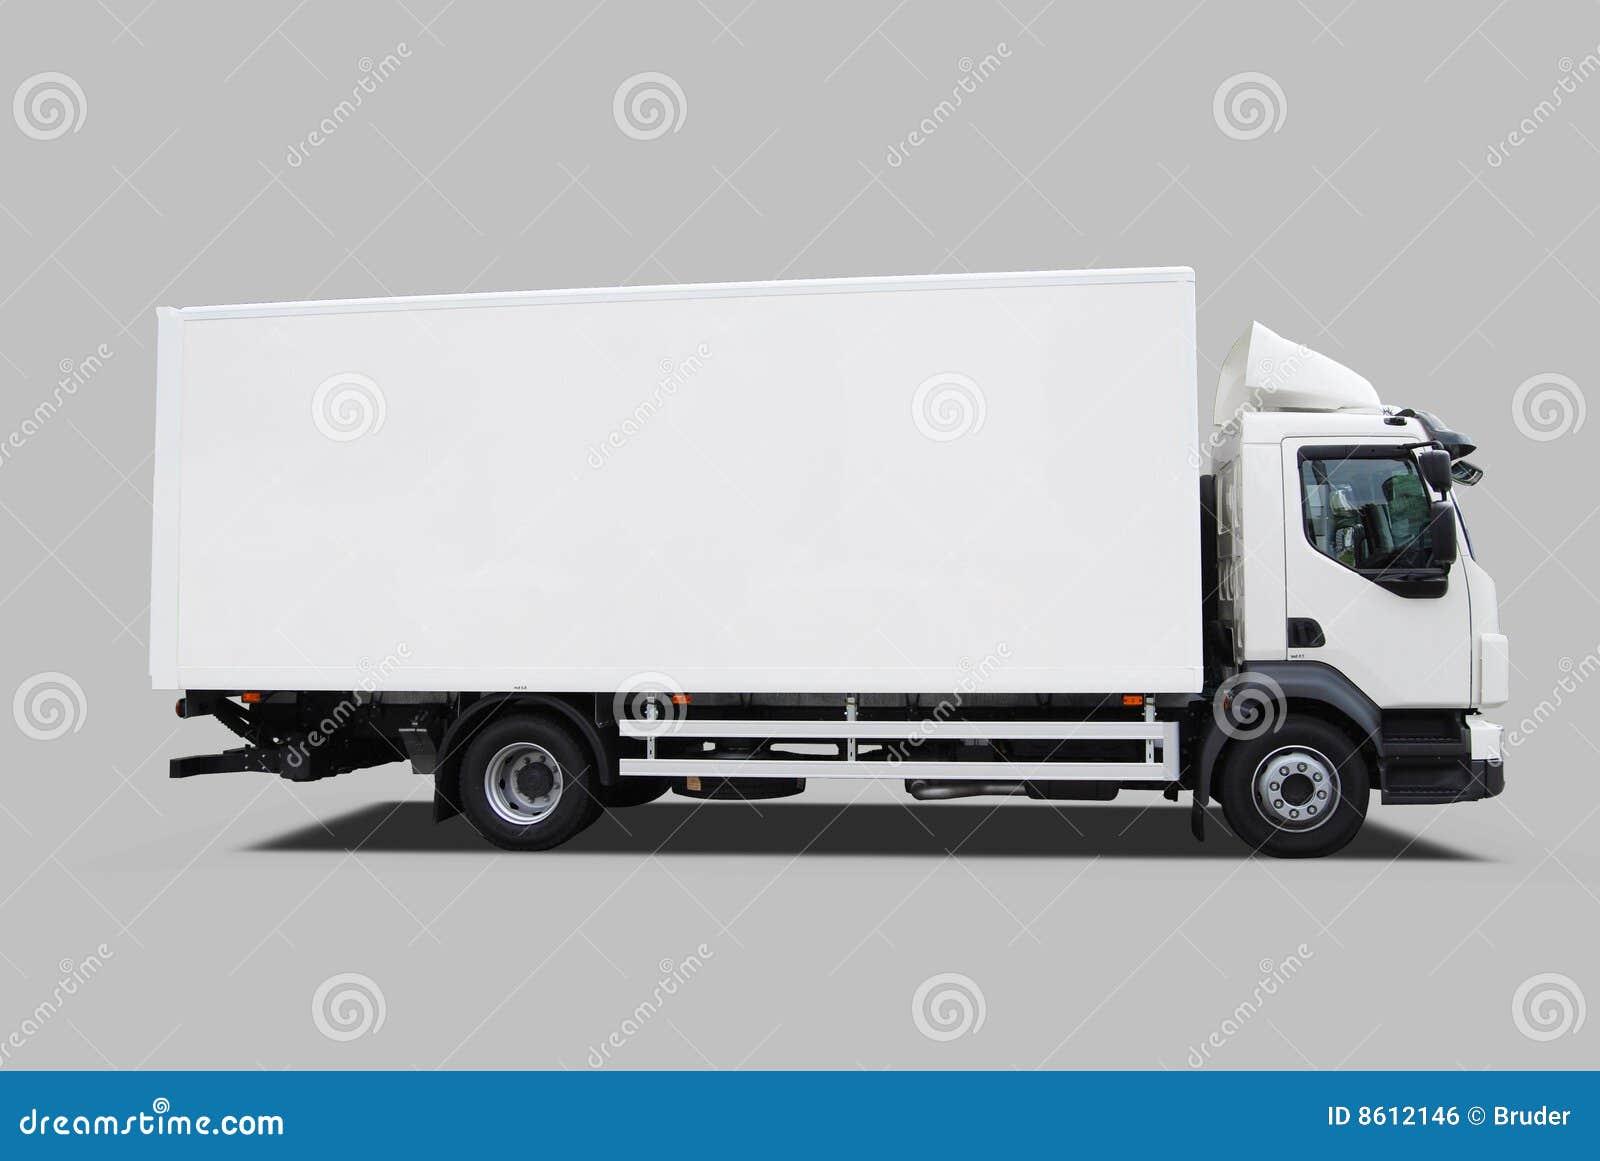 Caminhão de entrega